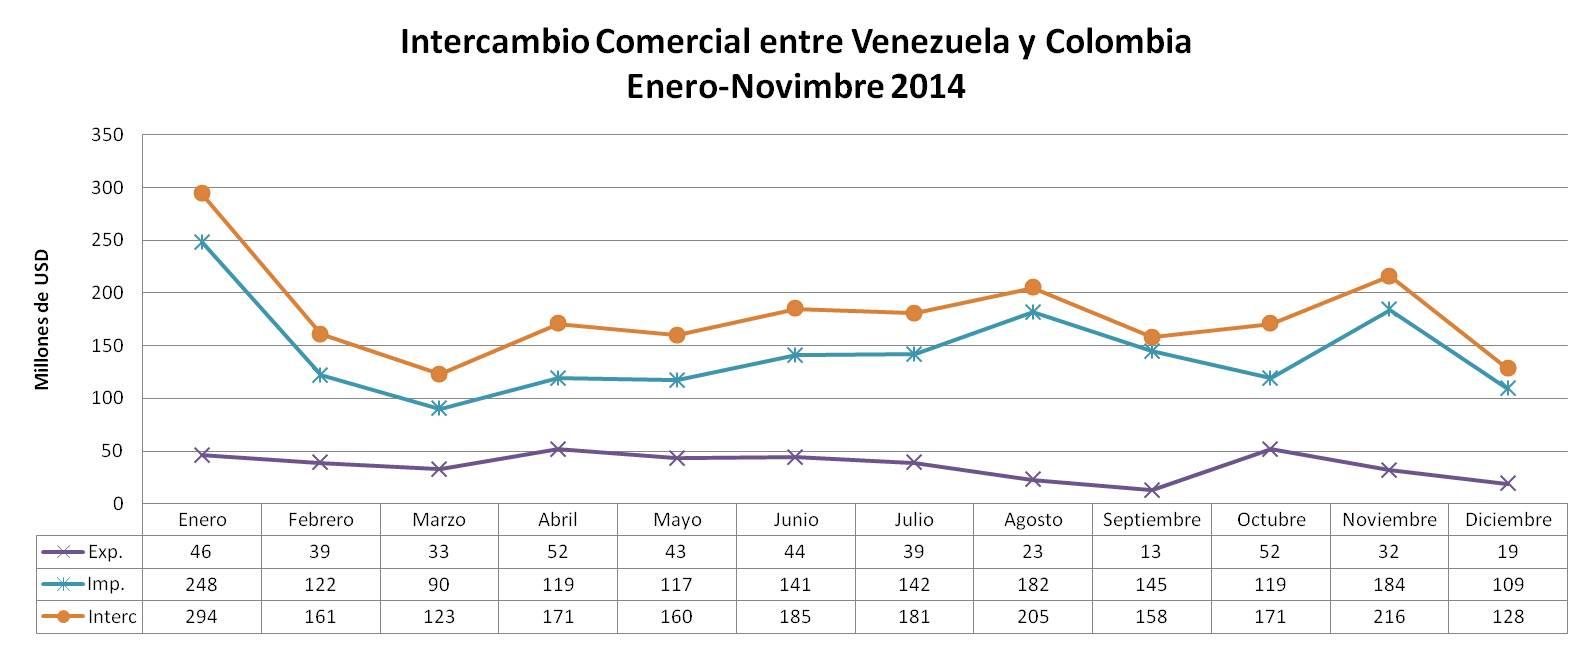 Intercambio comercial entre Vzla Col enero nov 2014